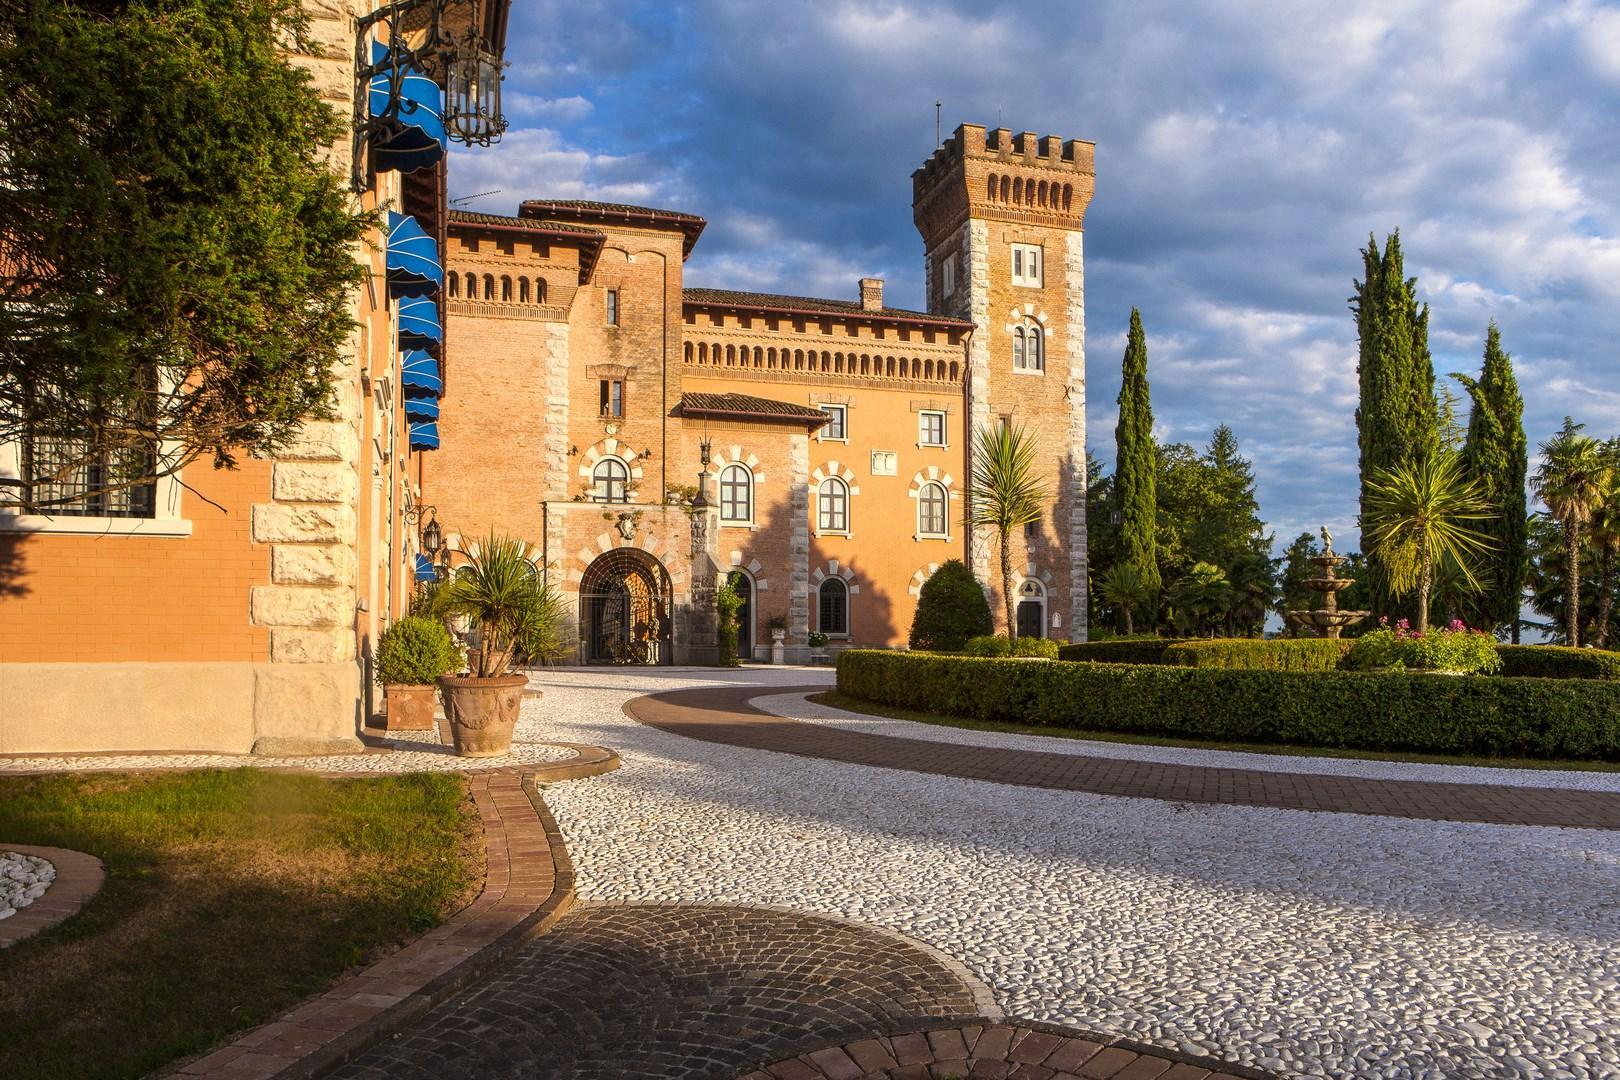 Un tuffo nel passato in Friuli Venezia Giulia